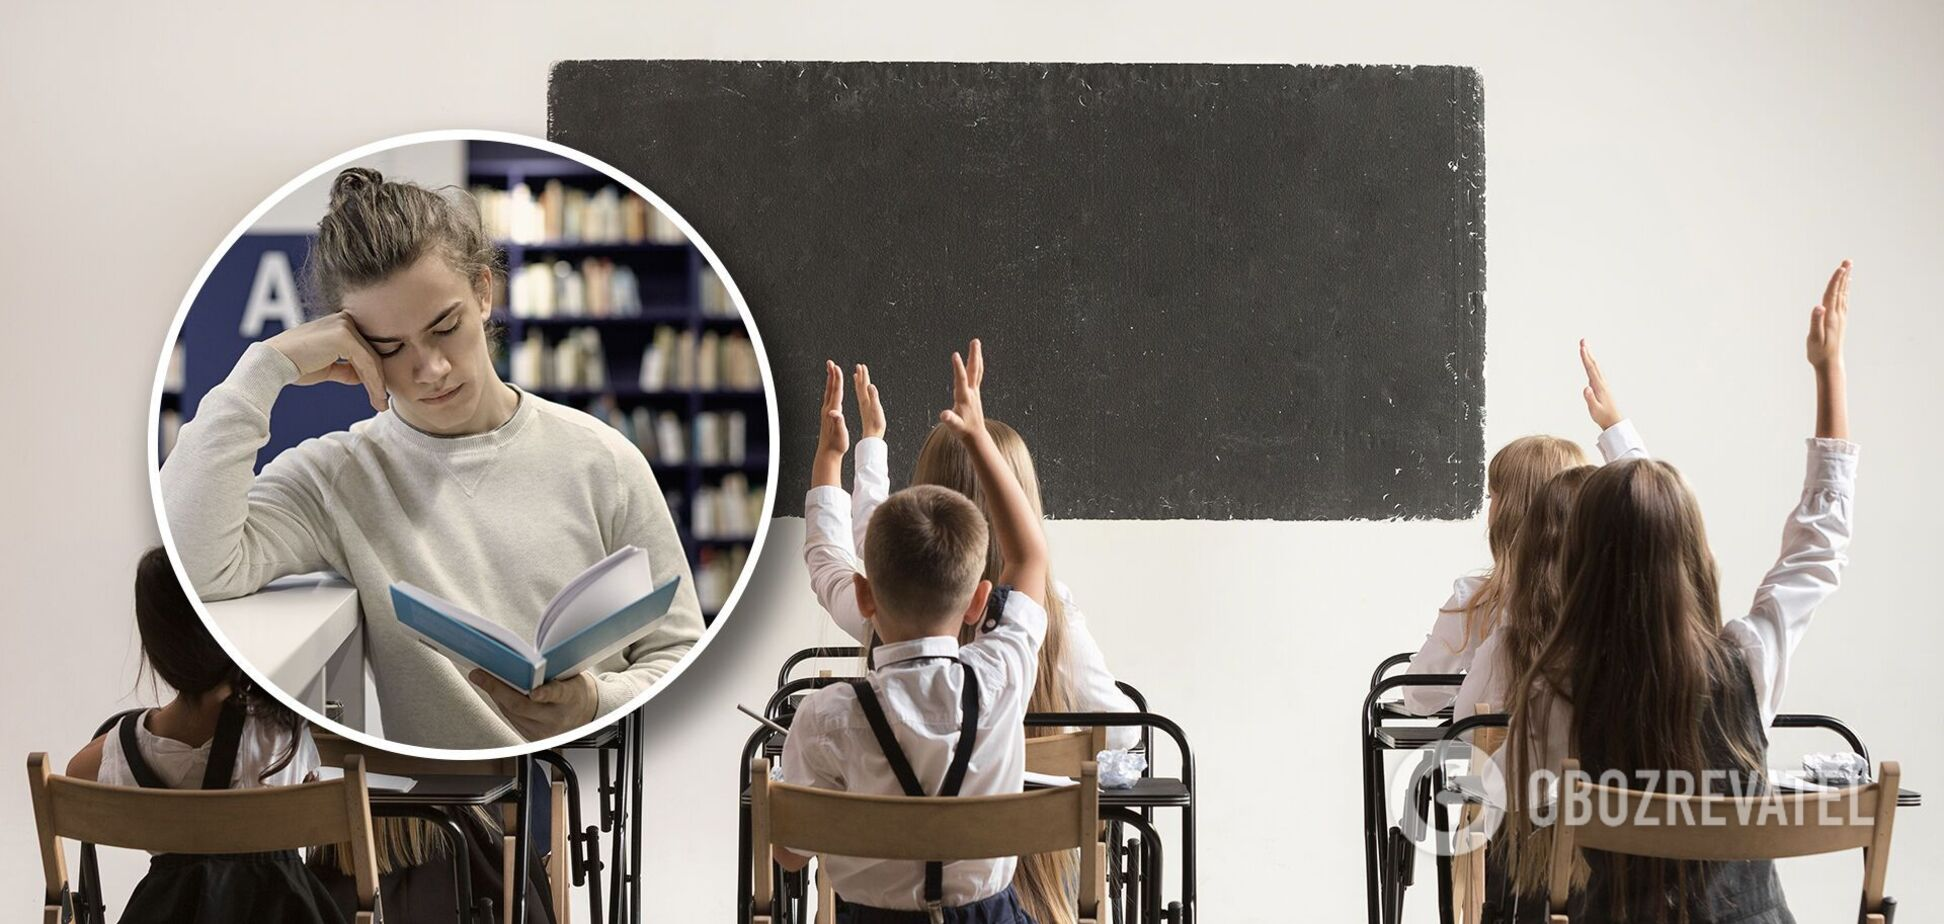 Дітей хочуть відправляти до школи з 5 років